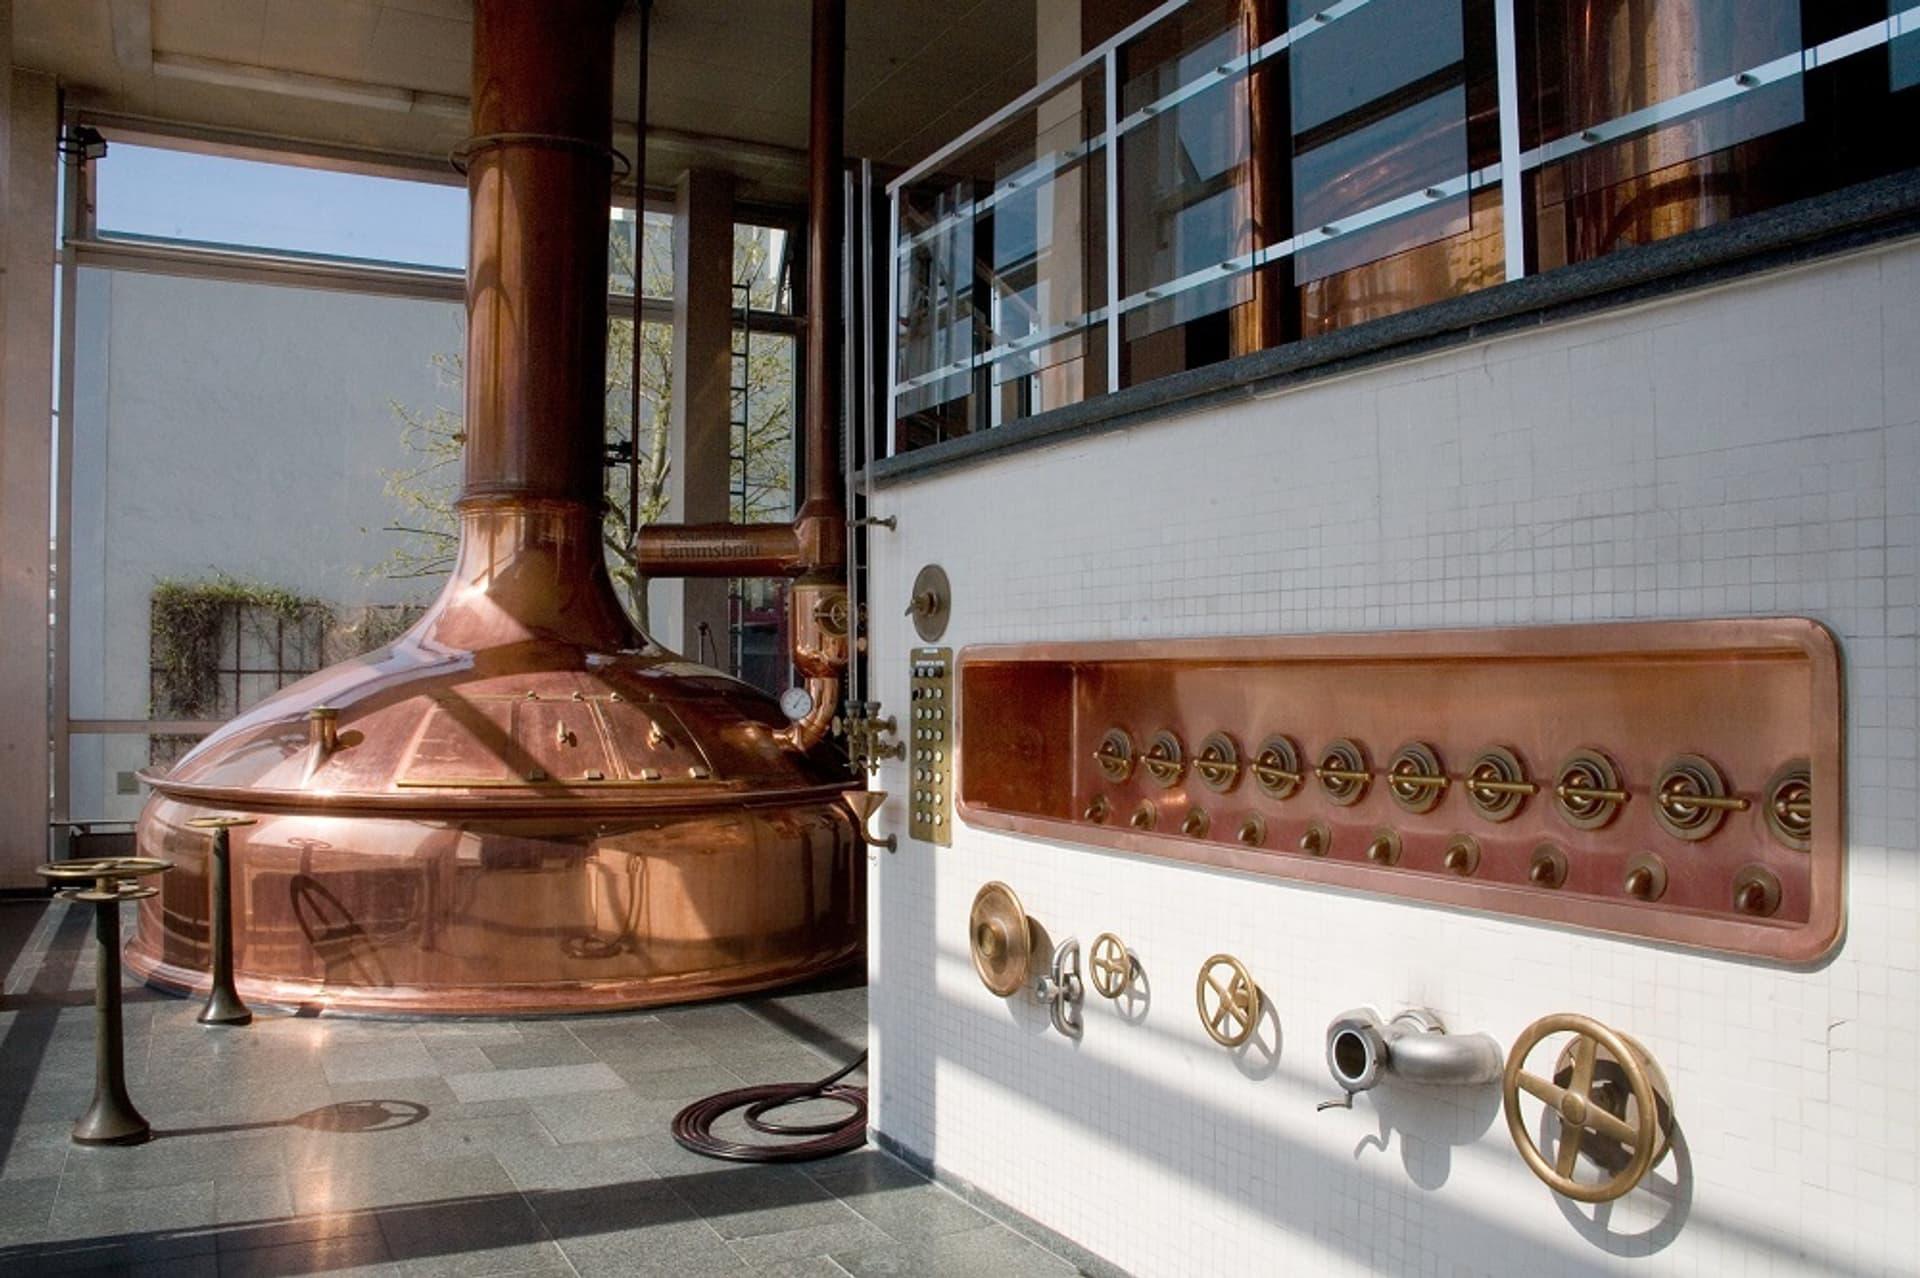 Neumarkter Lammsbraeu Brauerei c Neumarkter Lammsbraeu